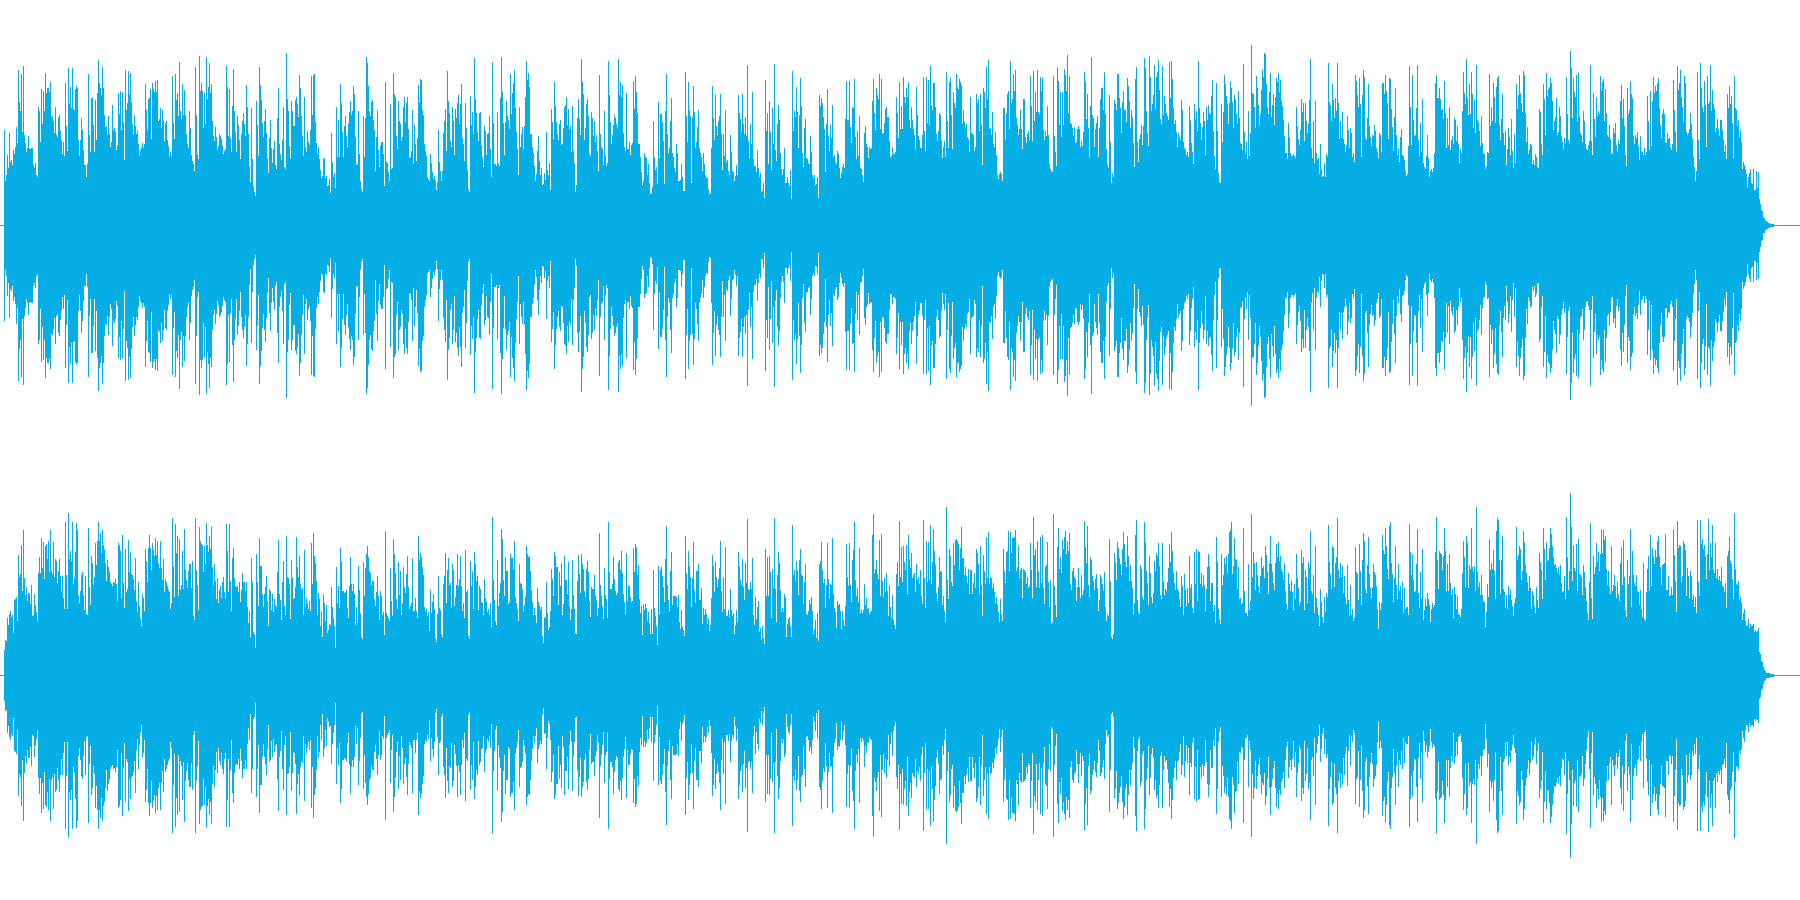 ゆったりとしたシンセサイザーのポップスの再生済みの波形